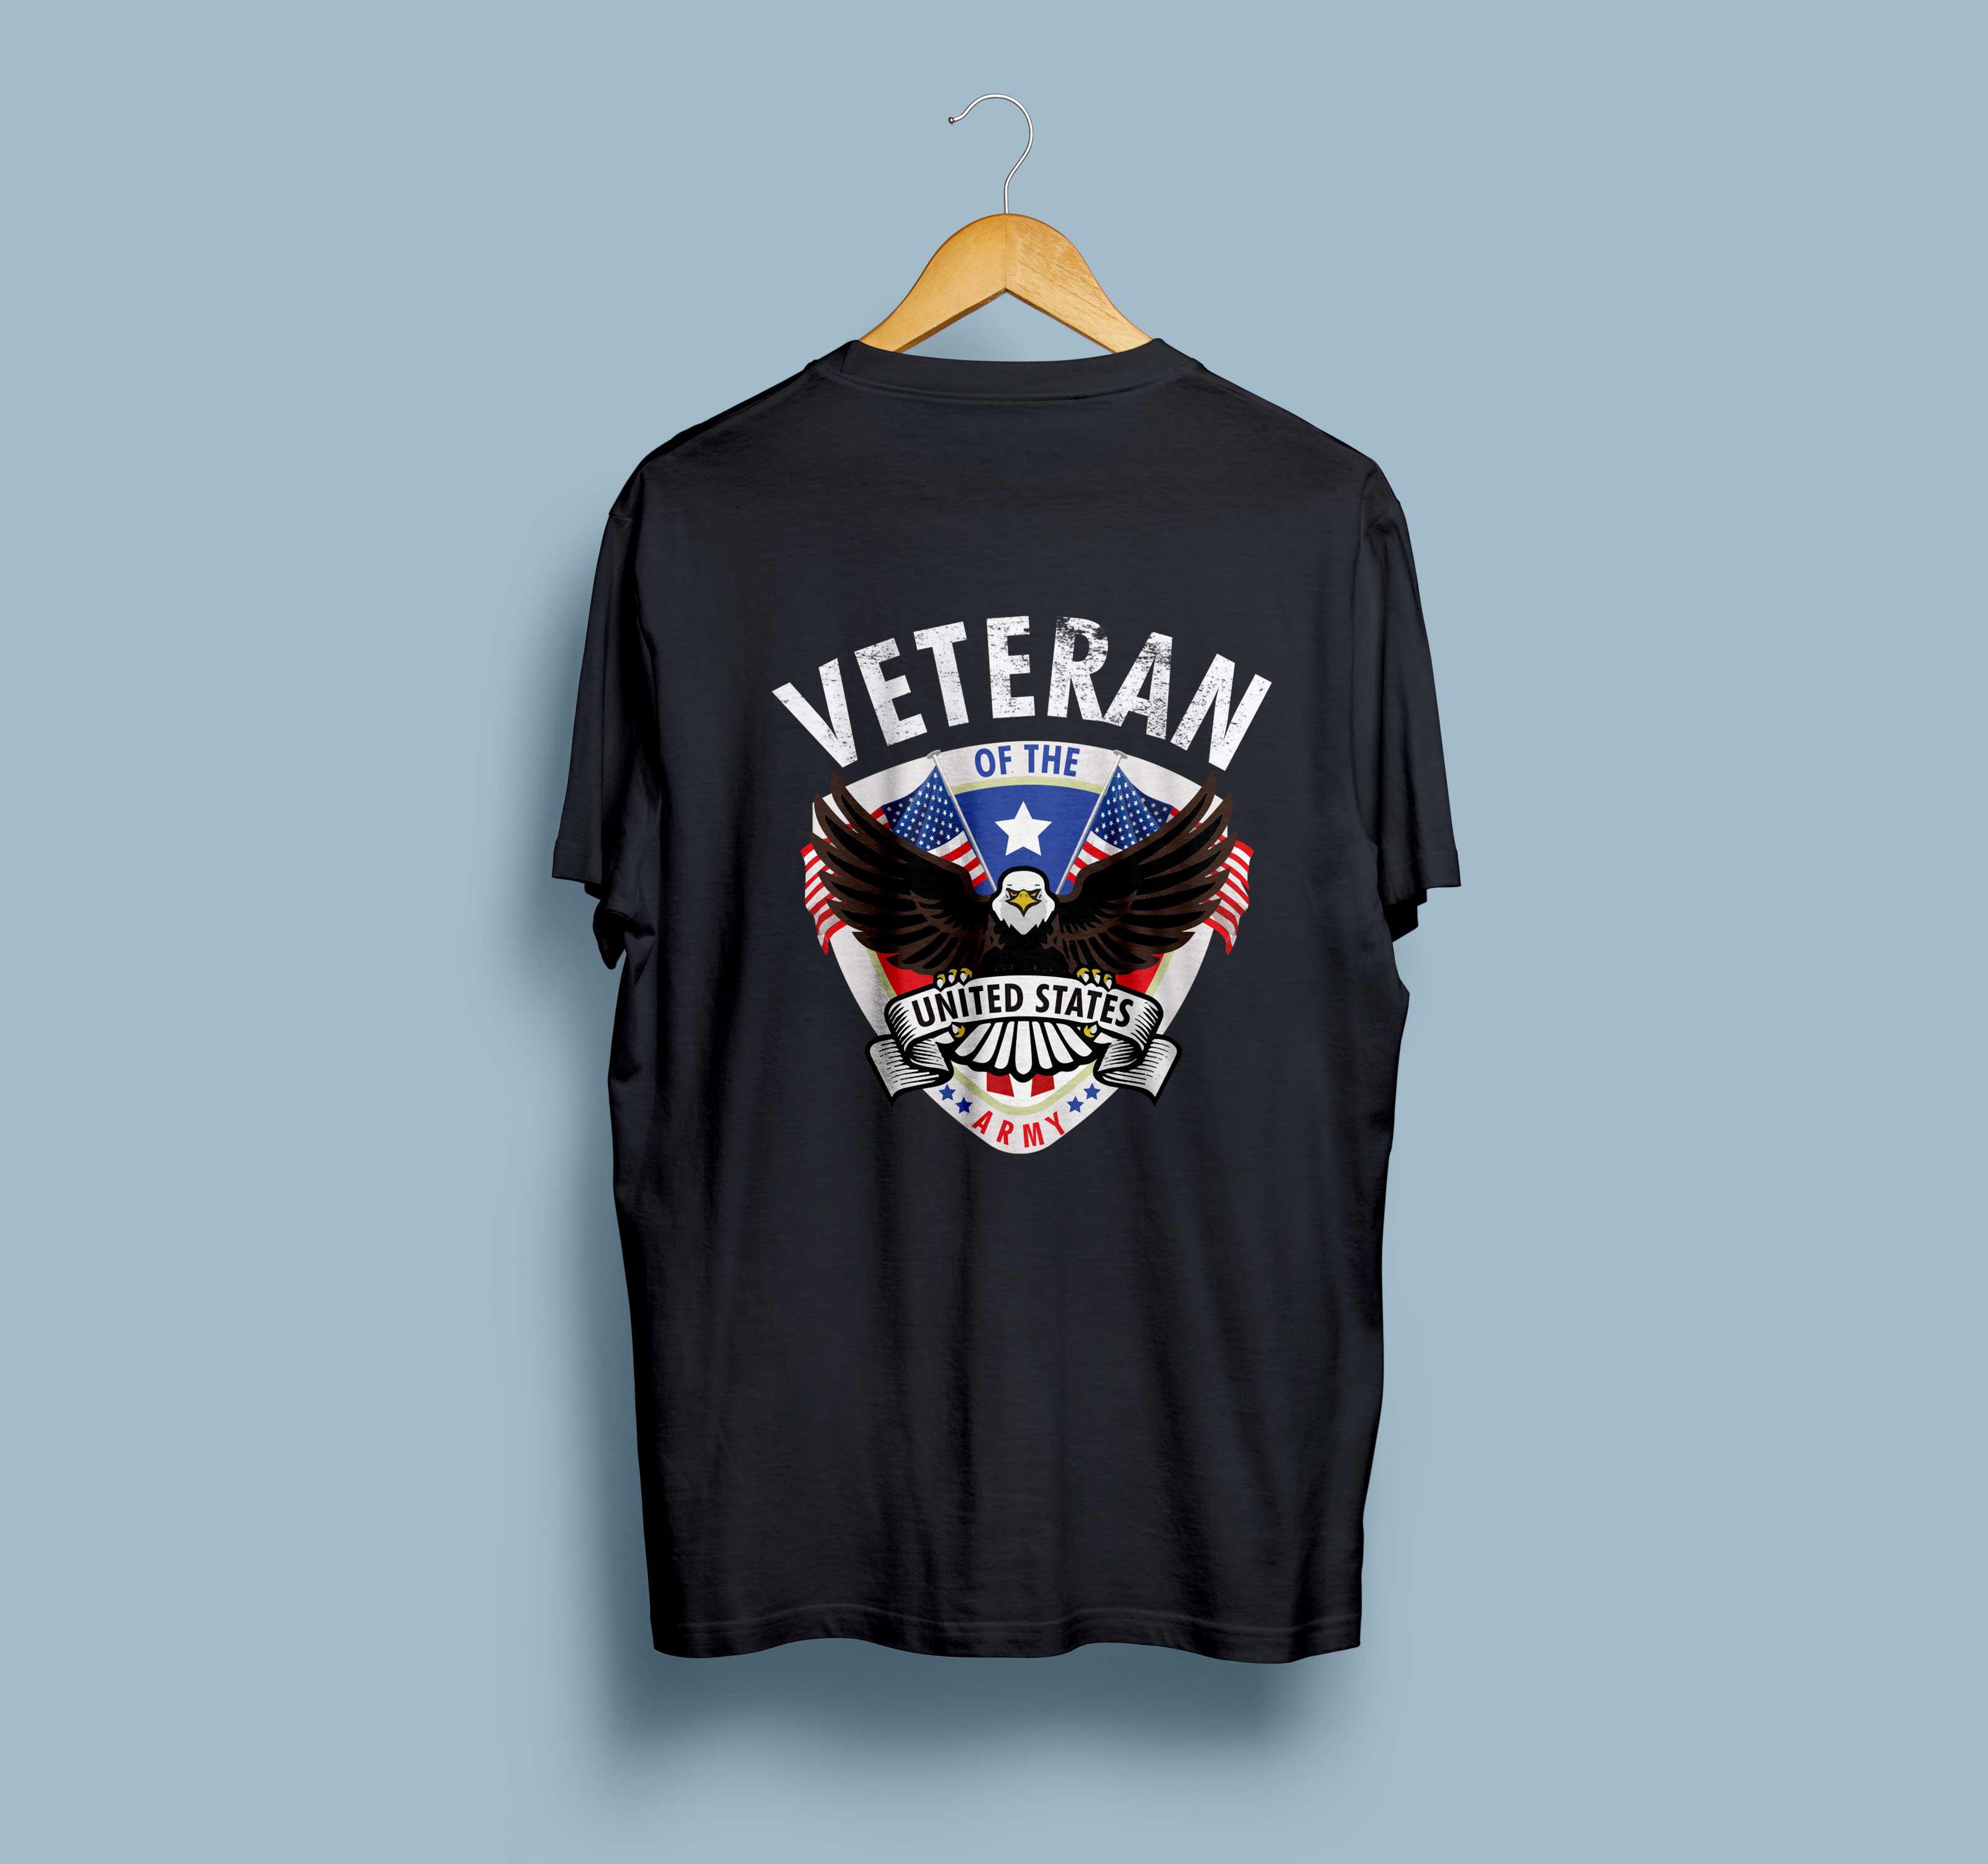 I will create eye catching t shirt design